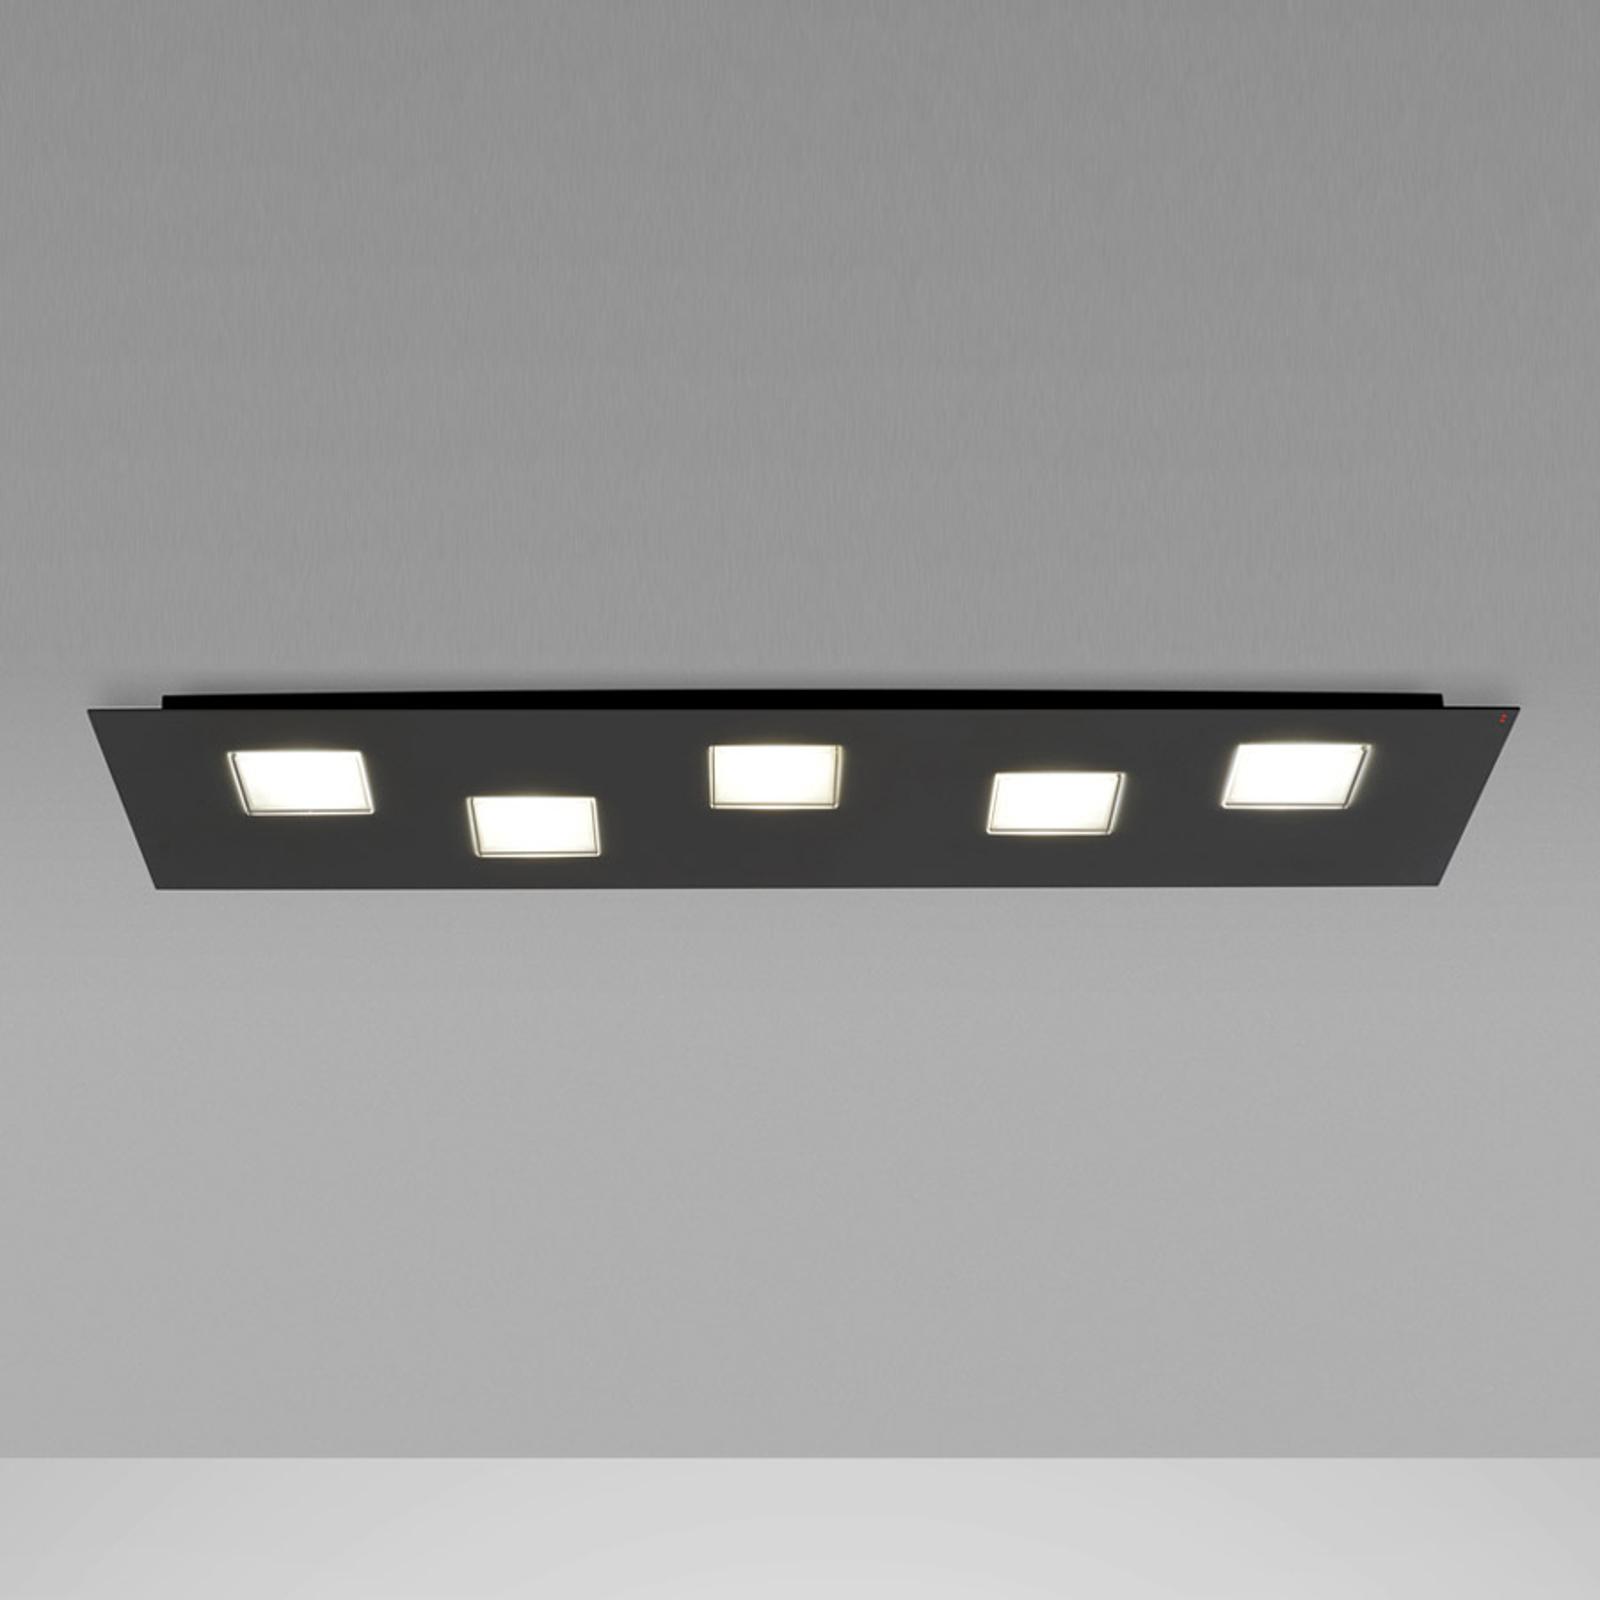 Plafonnier LED Quarter de 70cm de long, noir